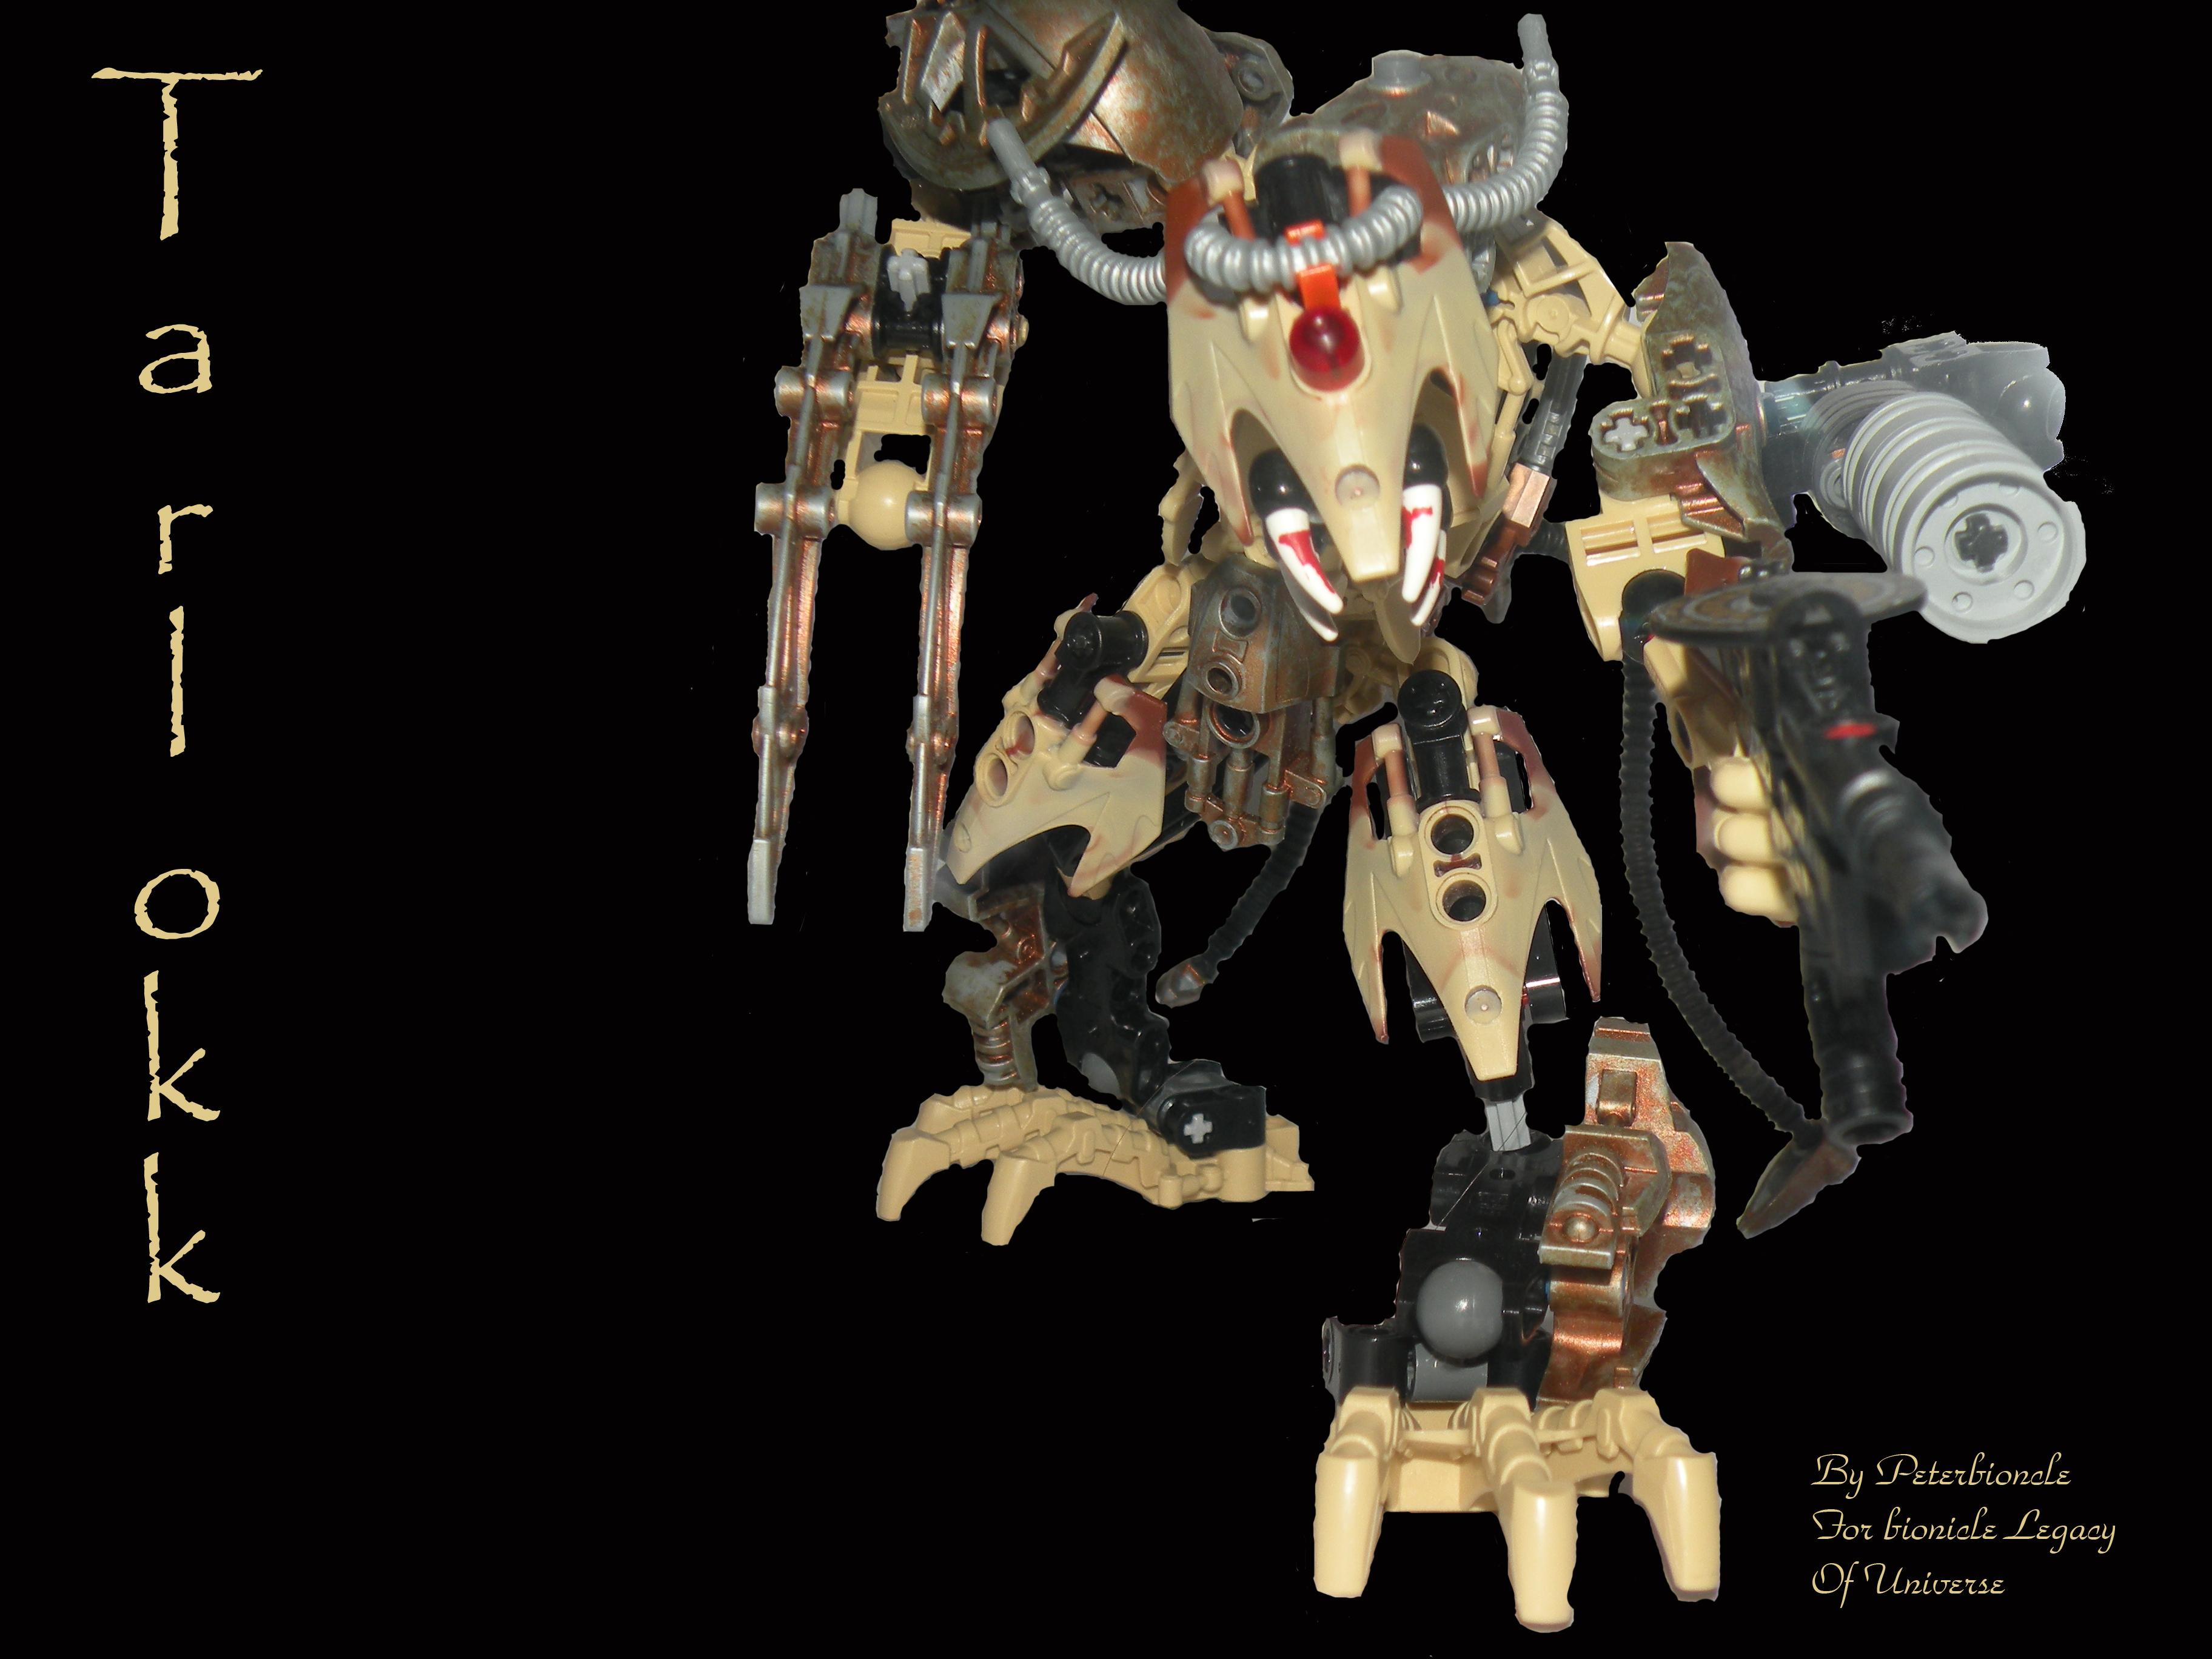 [MOC] Les nouvelles créations de Peterbionicle (annonce) - Page 12 00